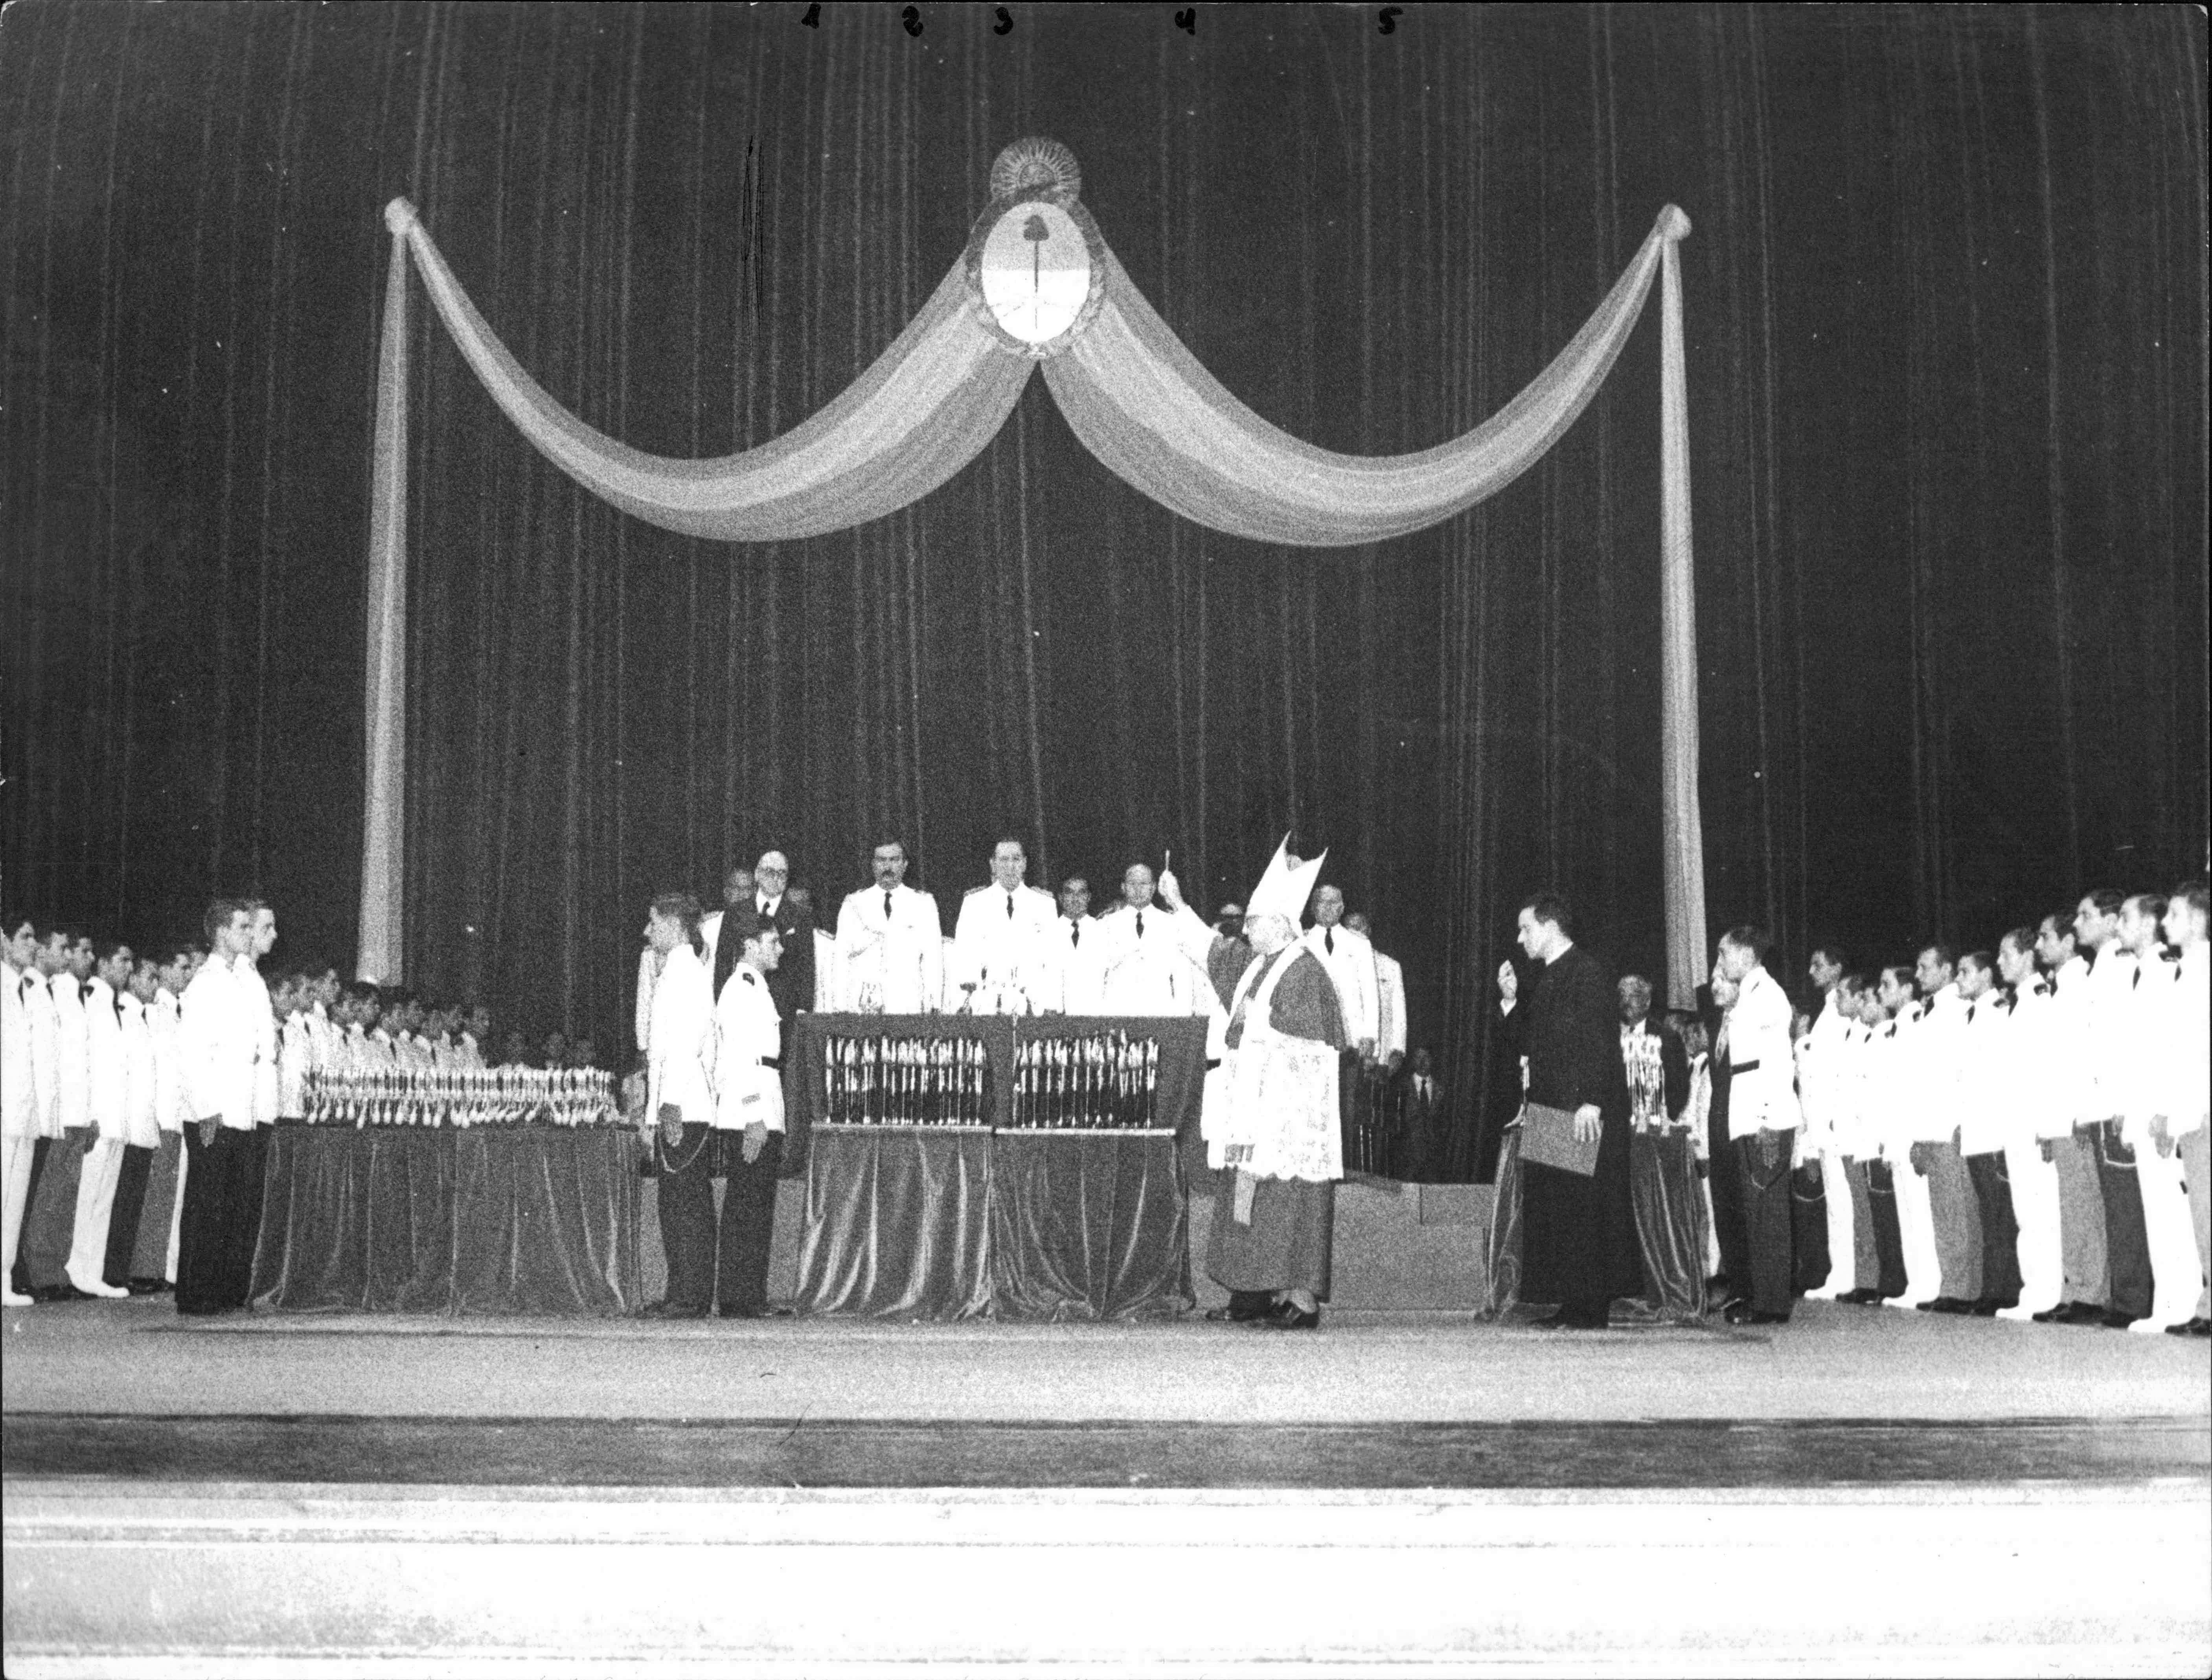 Ceremonia de Bendición de Sables junto al Presidente Juan Domingo Perón, Teatro Colón, Bs. As., 24/01/1974.